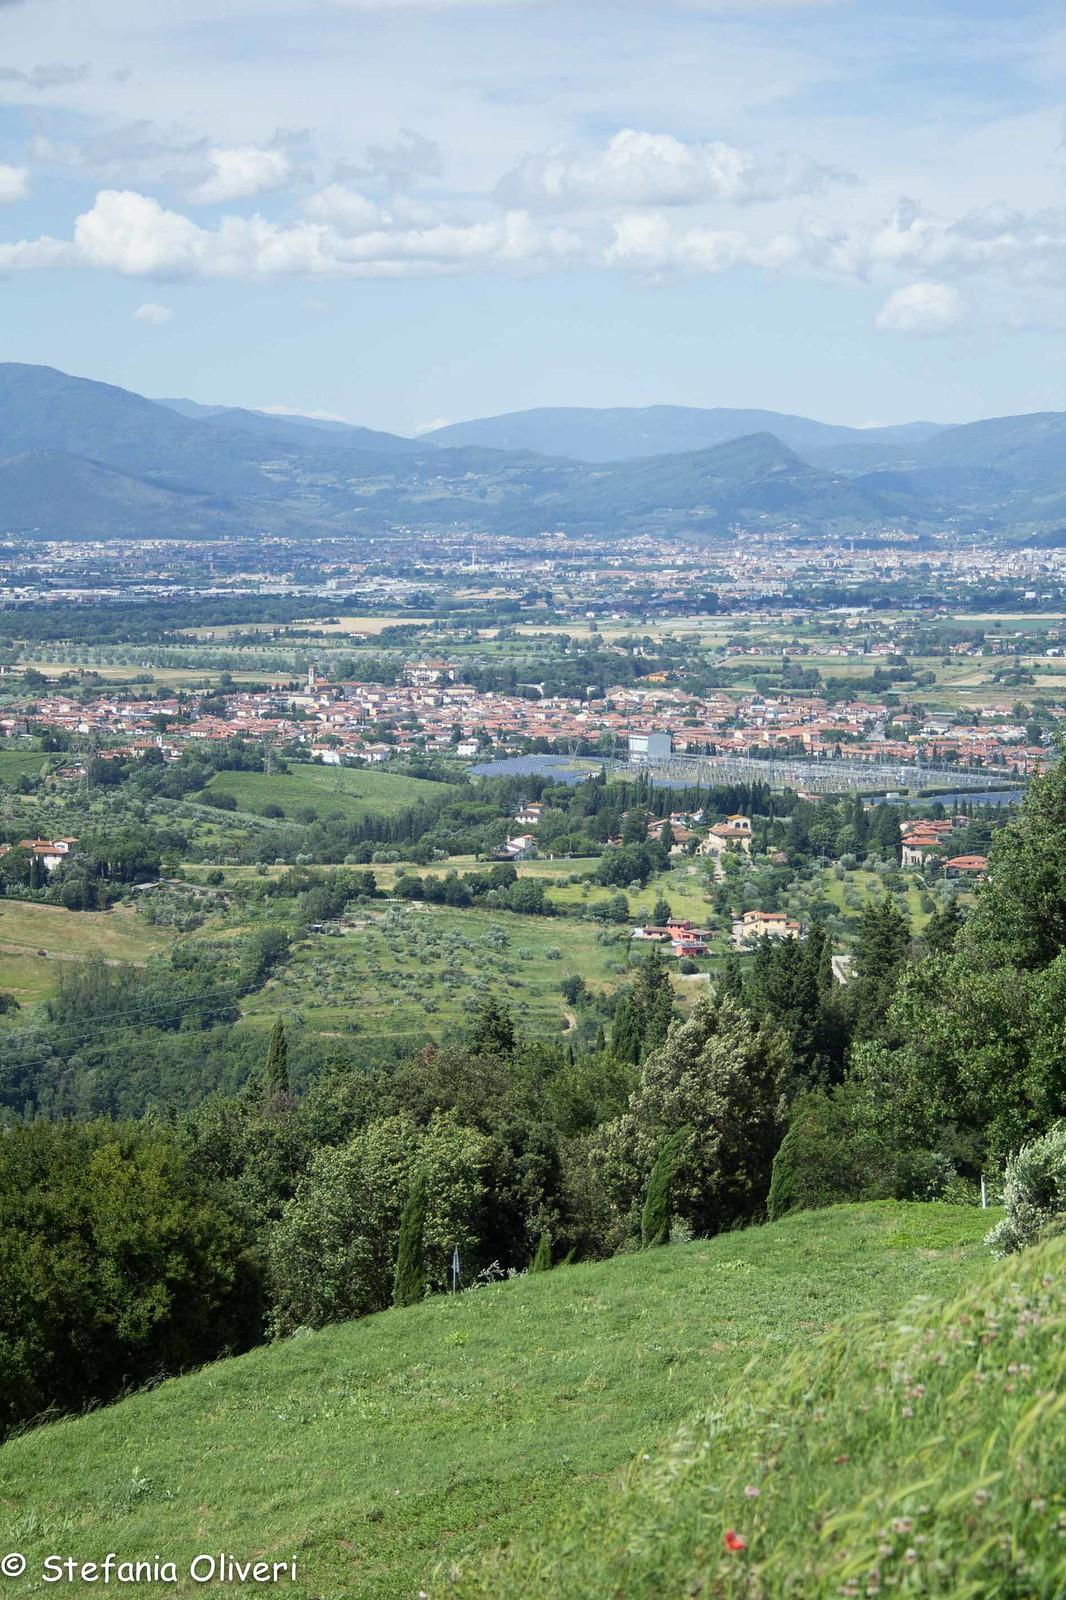 Prato Villa Artimino